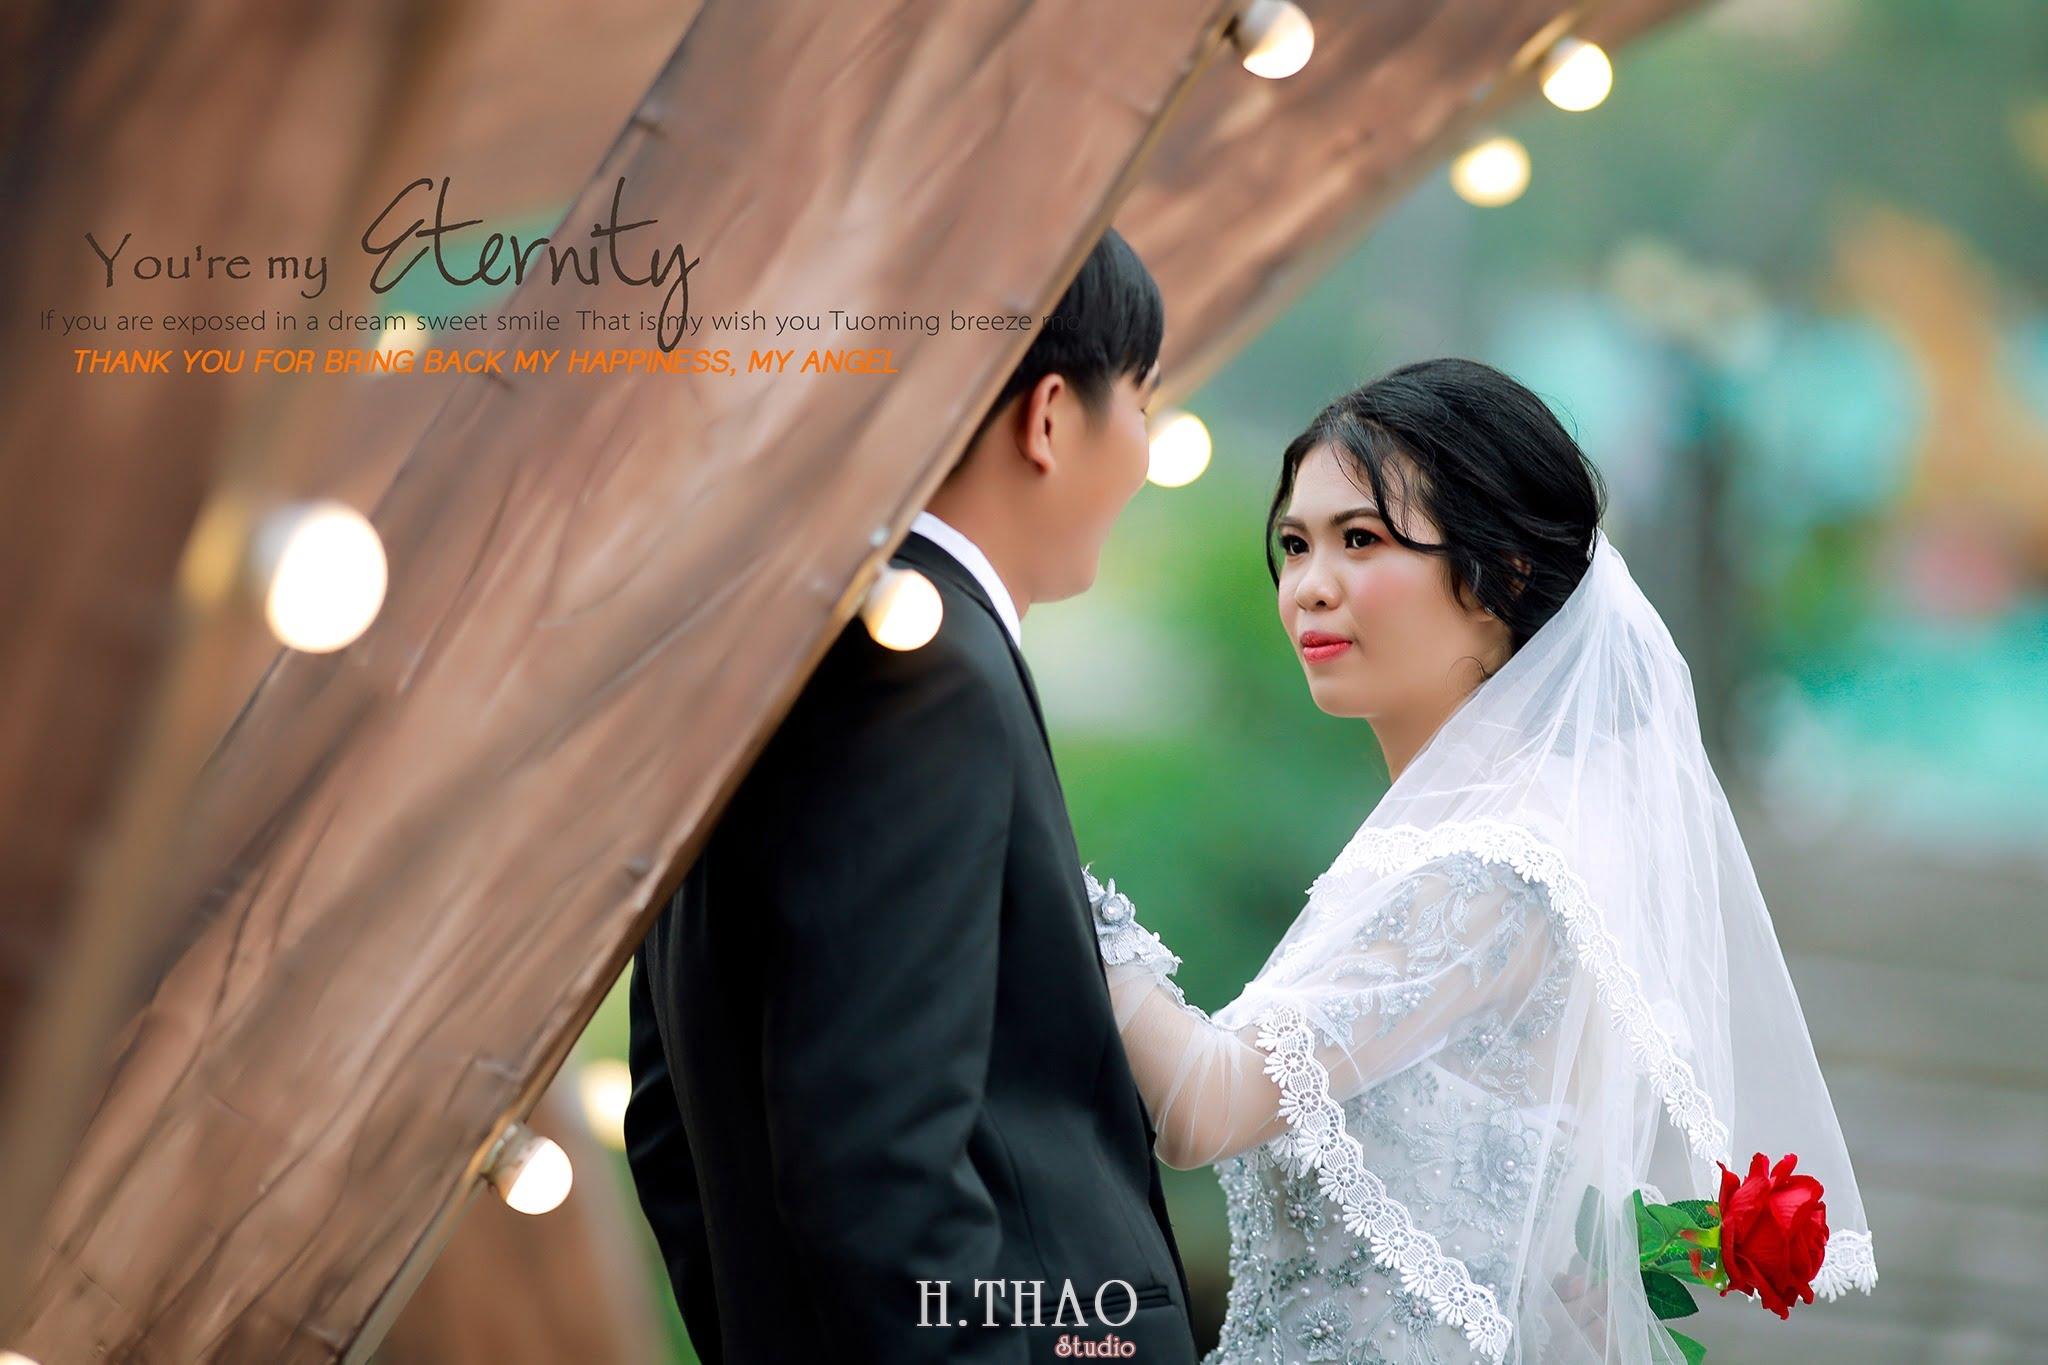 Anh cuoi 56 - Chụp ảnh cưới phong cách châu âu ngay giữa lòng Tp.HCM - HThao Studio